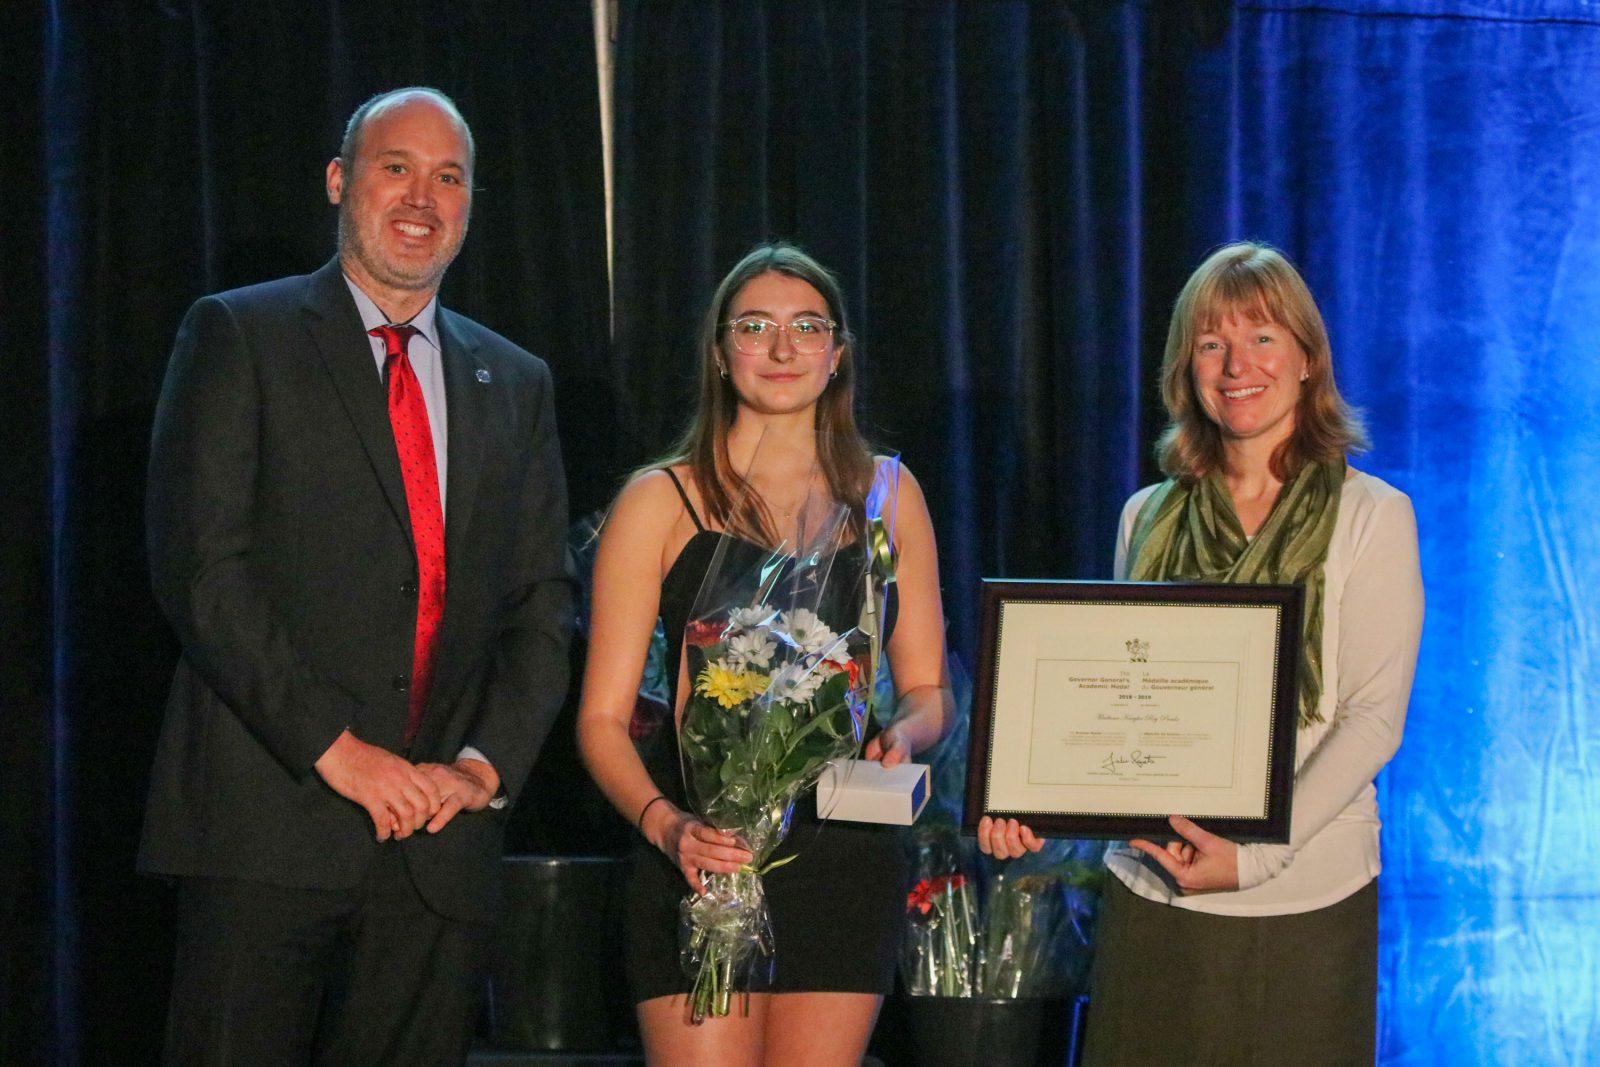 Une jeune Bouchervilloise reçoit la Médaille académique du Gouverneur général